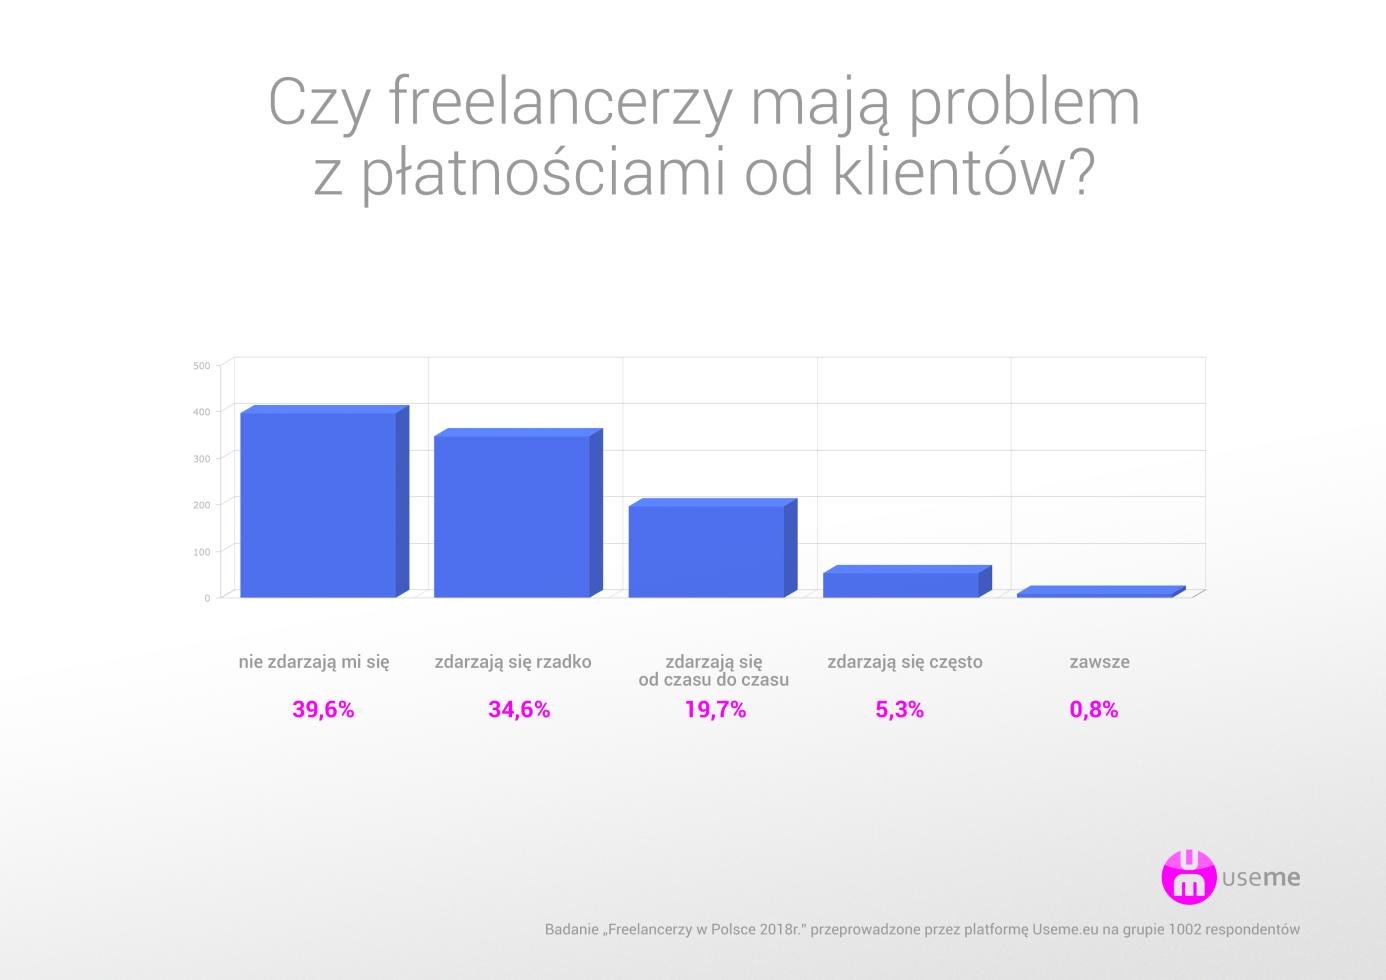 https://useme.eu/media/help-images/raport-useme-praca-zdalna-w-polsce-1-problemy-z-klientami.png